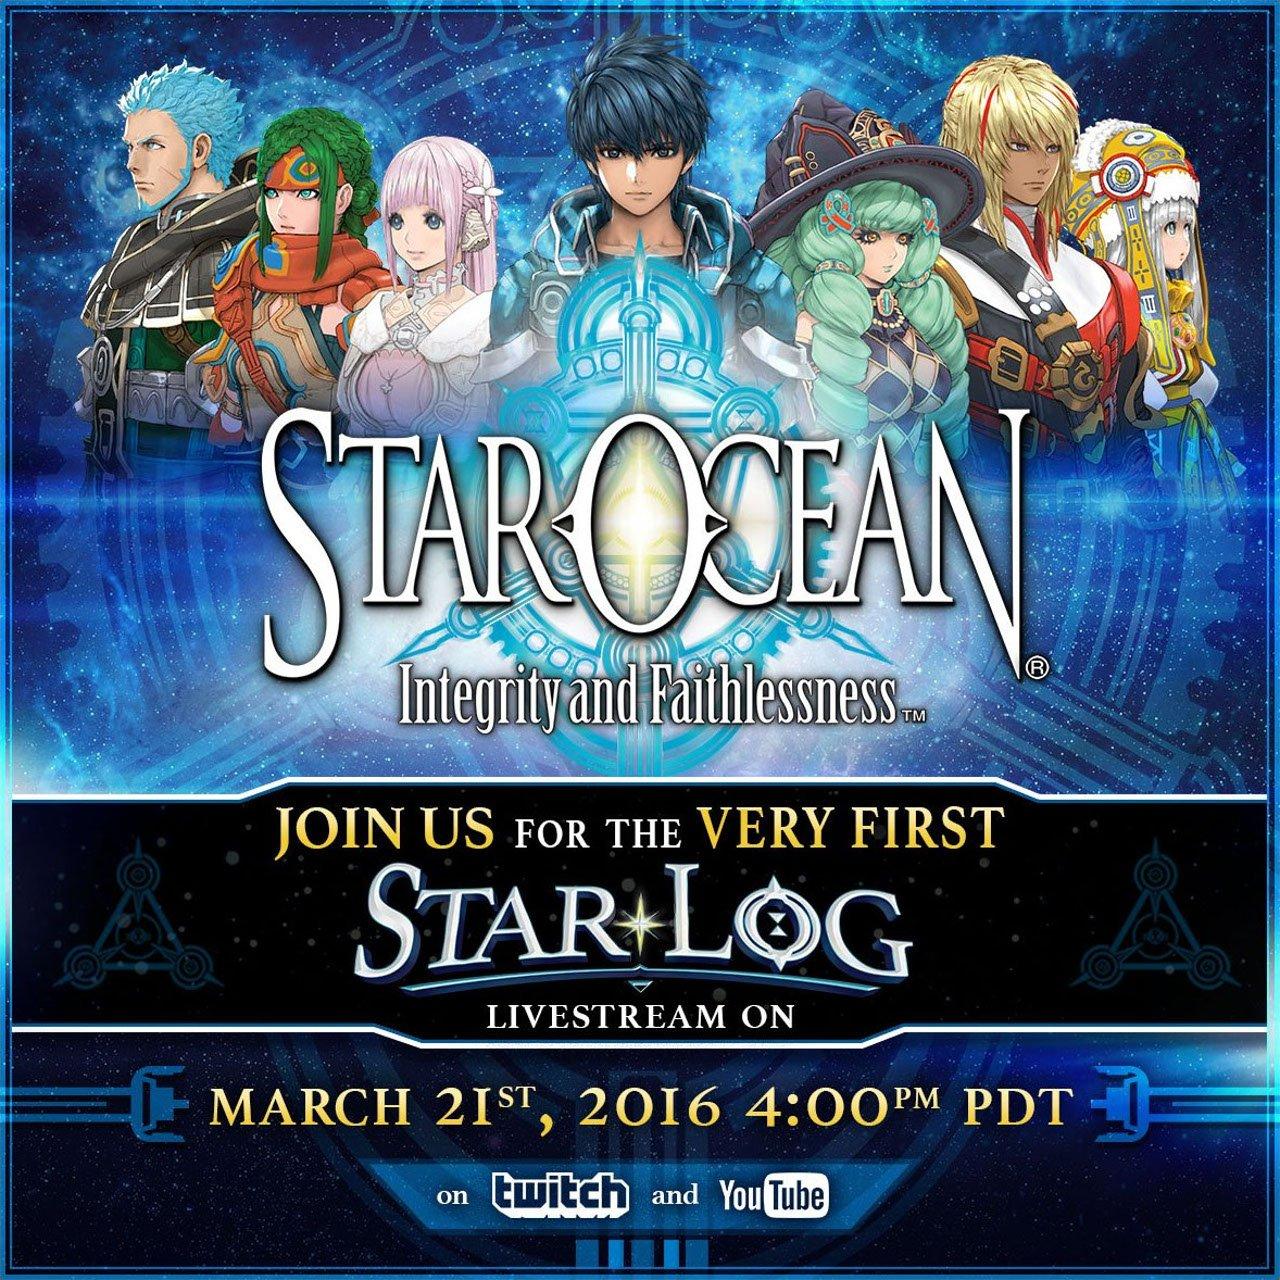 Star Ocean 5: primo streaming inglese fissato per marzo